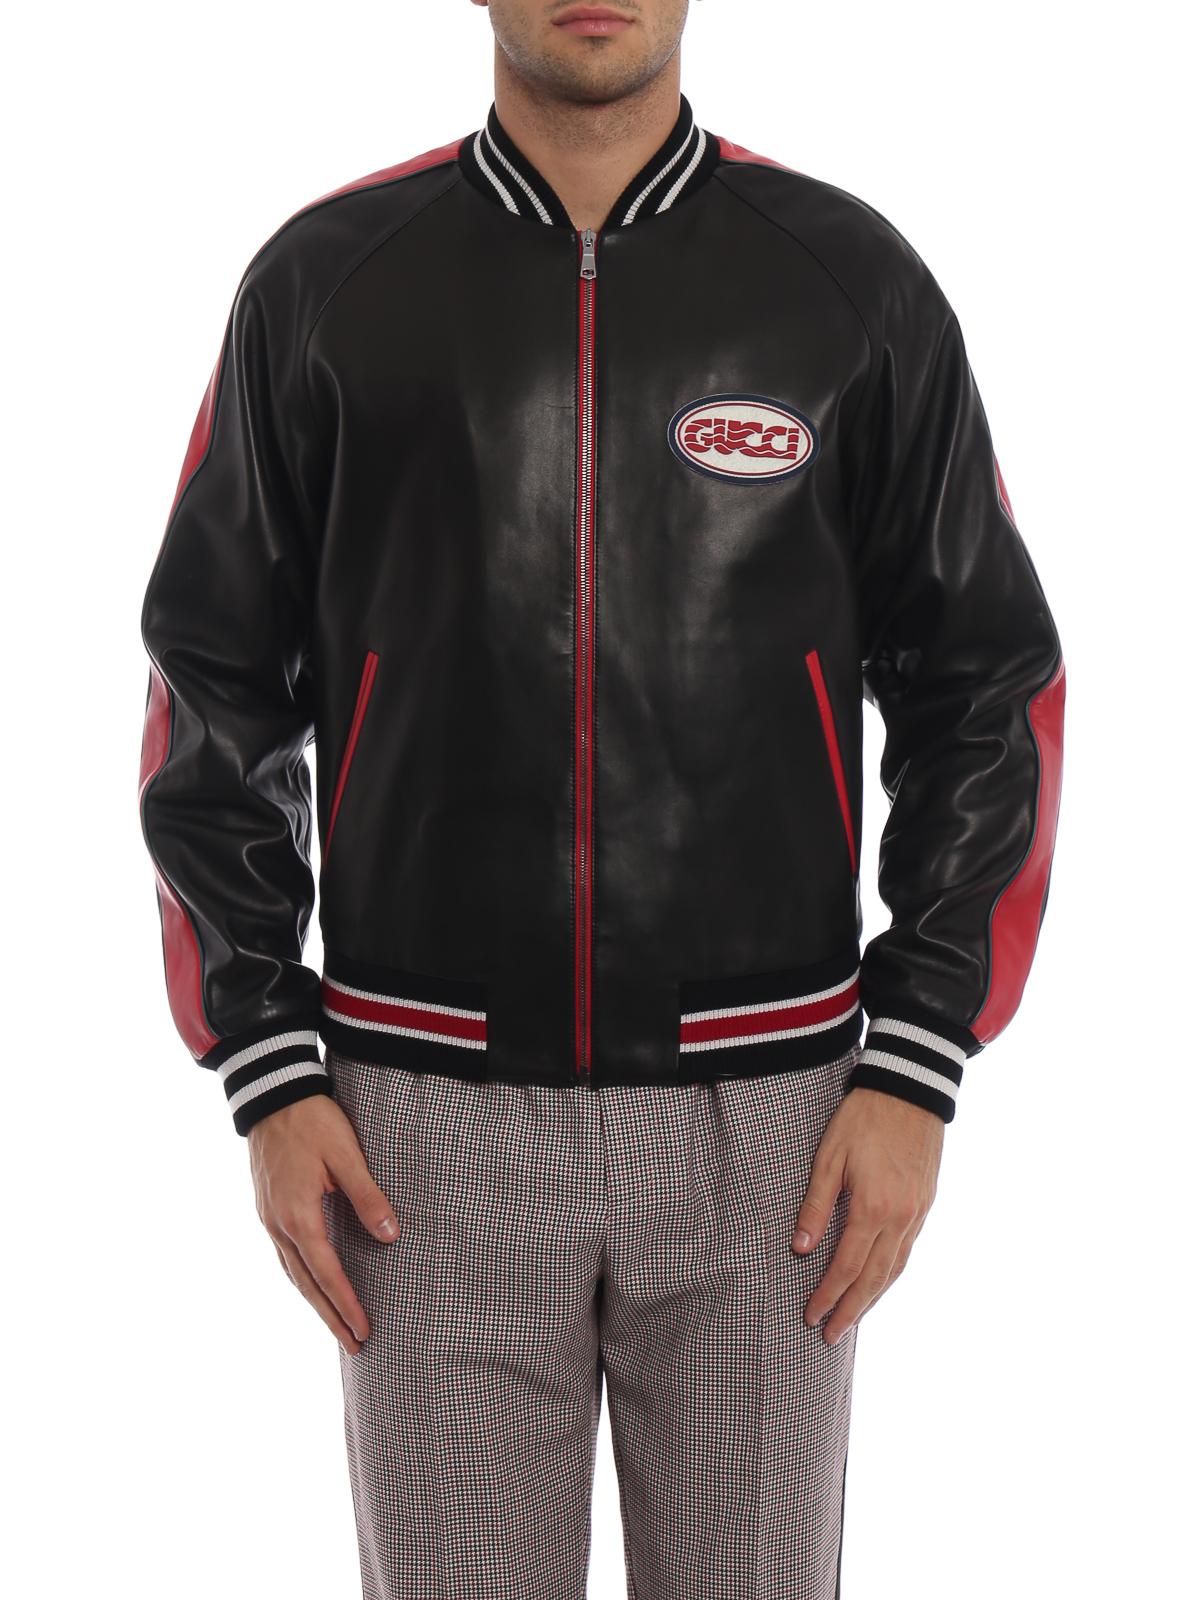 Gucci - Chaqueta De Cuero - Negro - Chaquetas de cuero - 523526XG6491096 dd3fab2068d